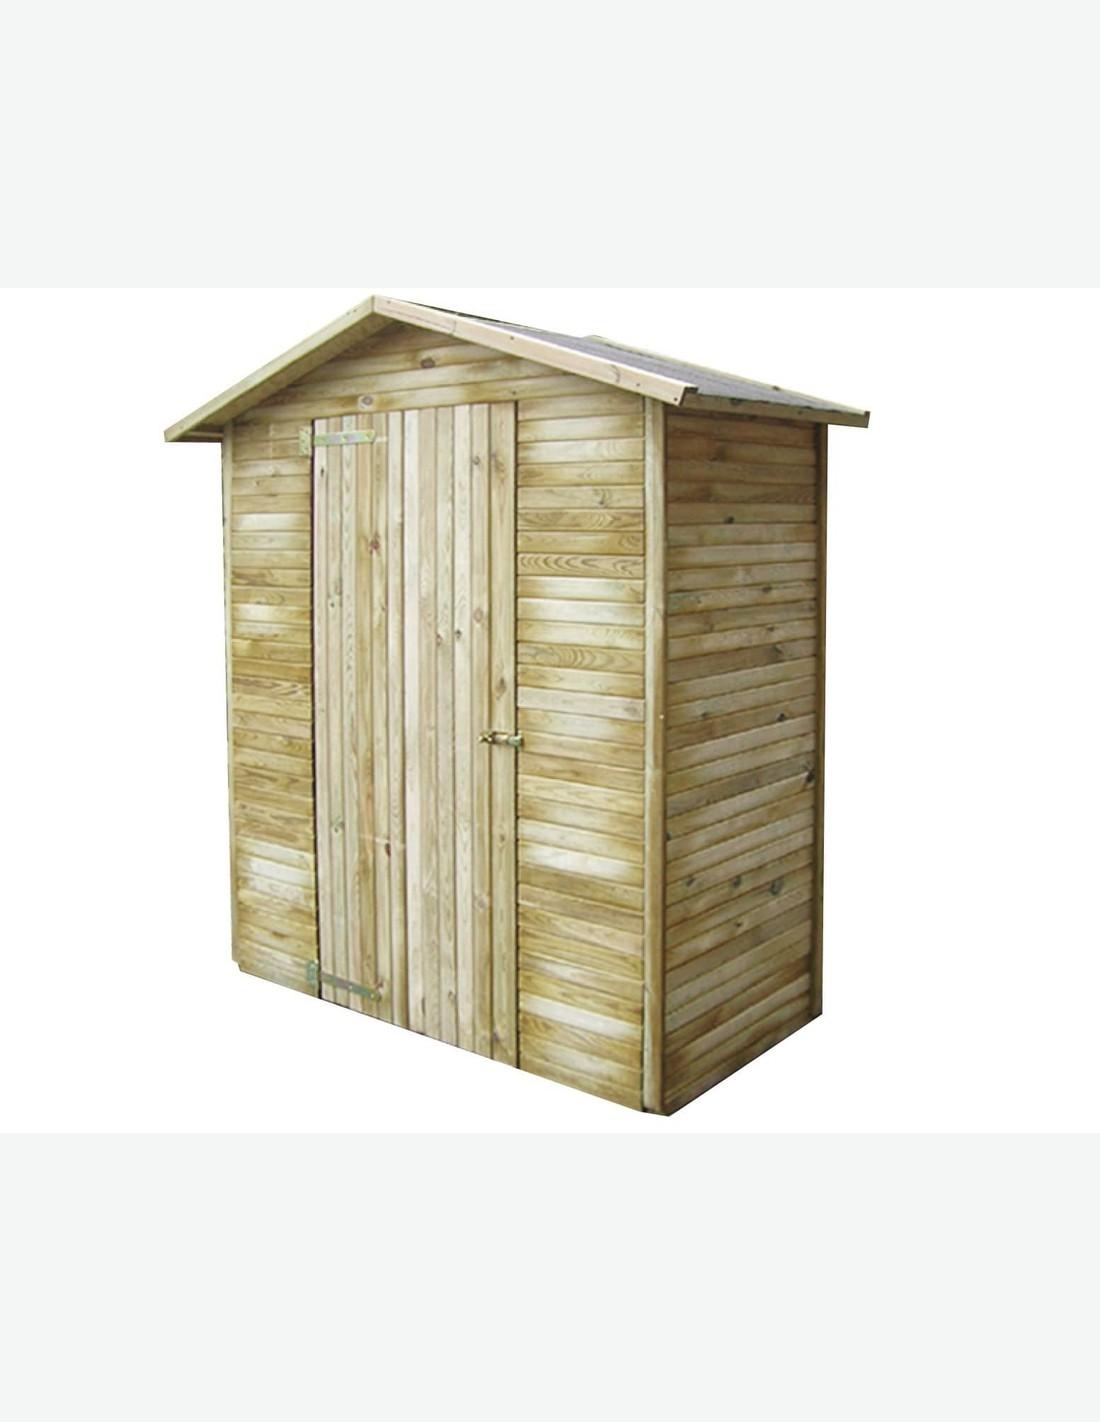 Giglio casette in legno da giardino avantishop - Casette legno giardino offerte ...